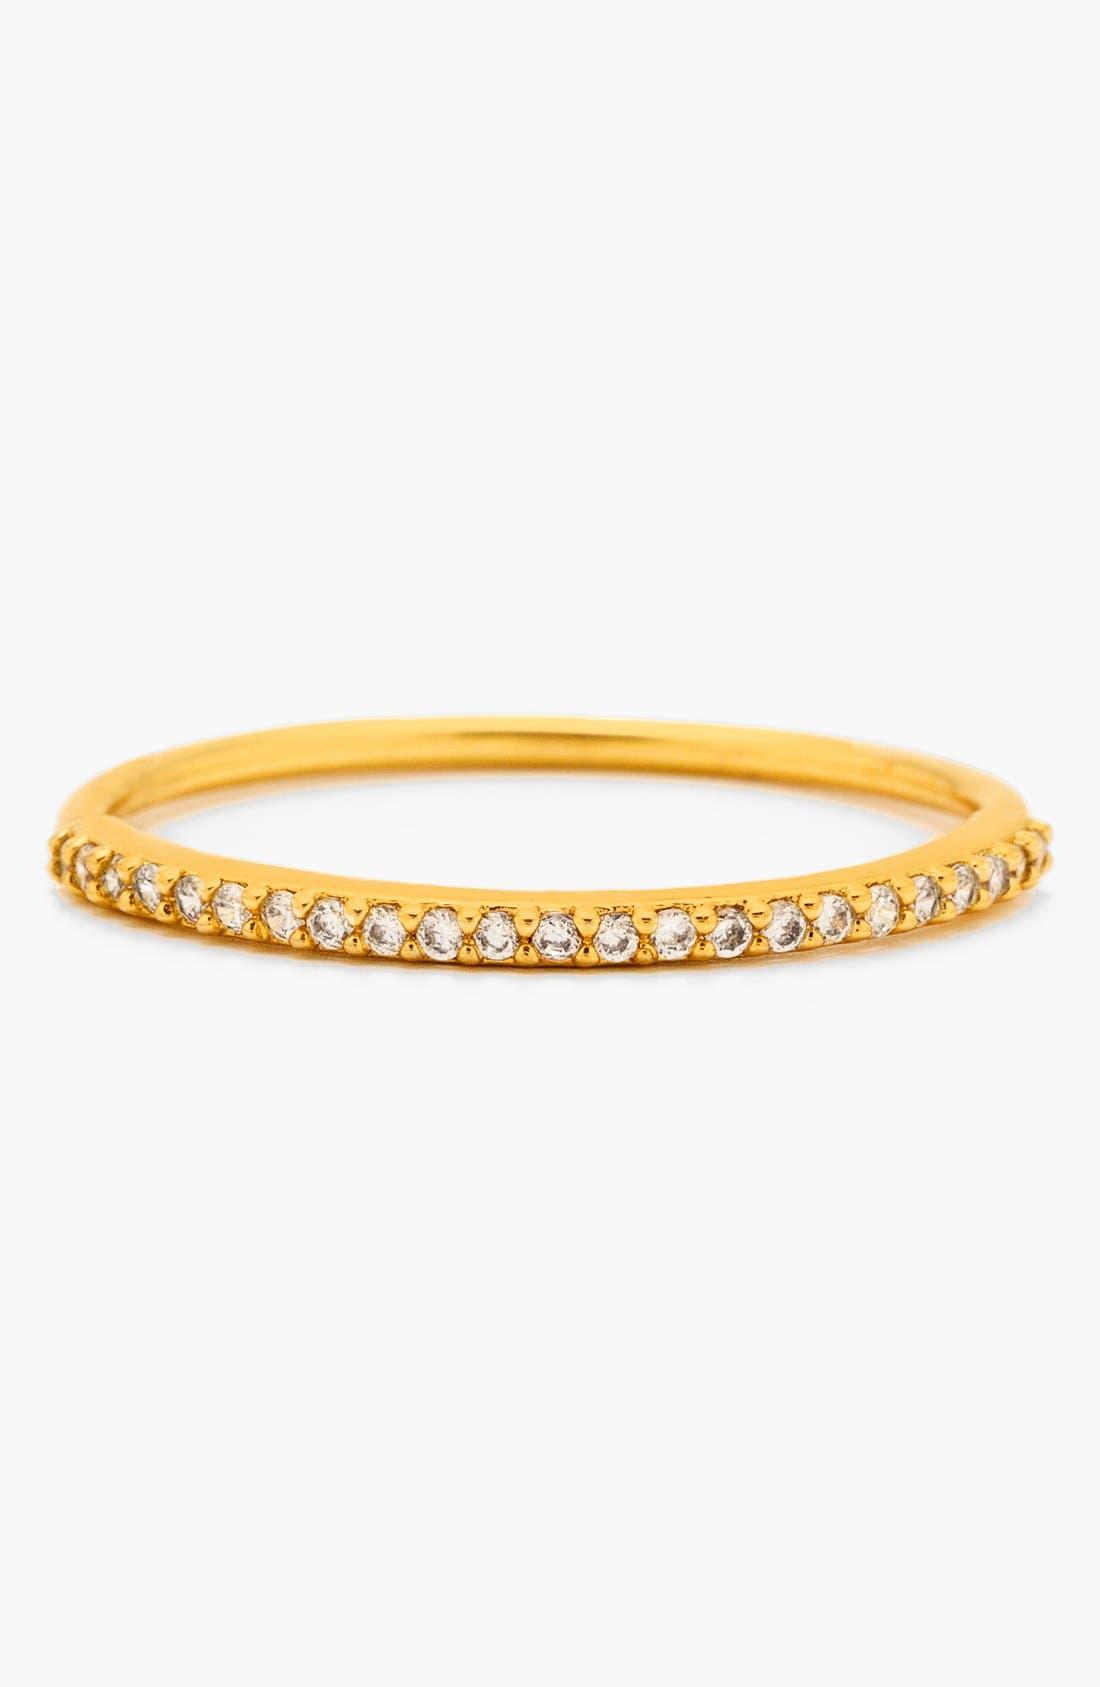 Alternate Image 1 Selected - gorjana 'Shimmer' Band Ring